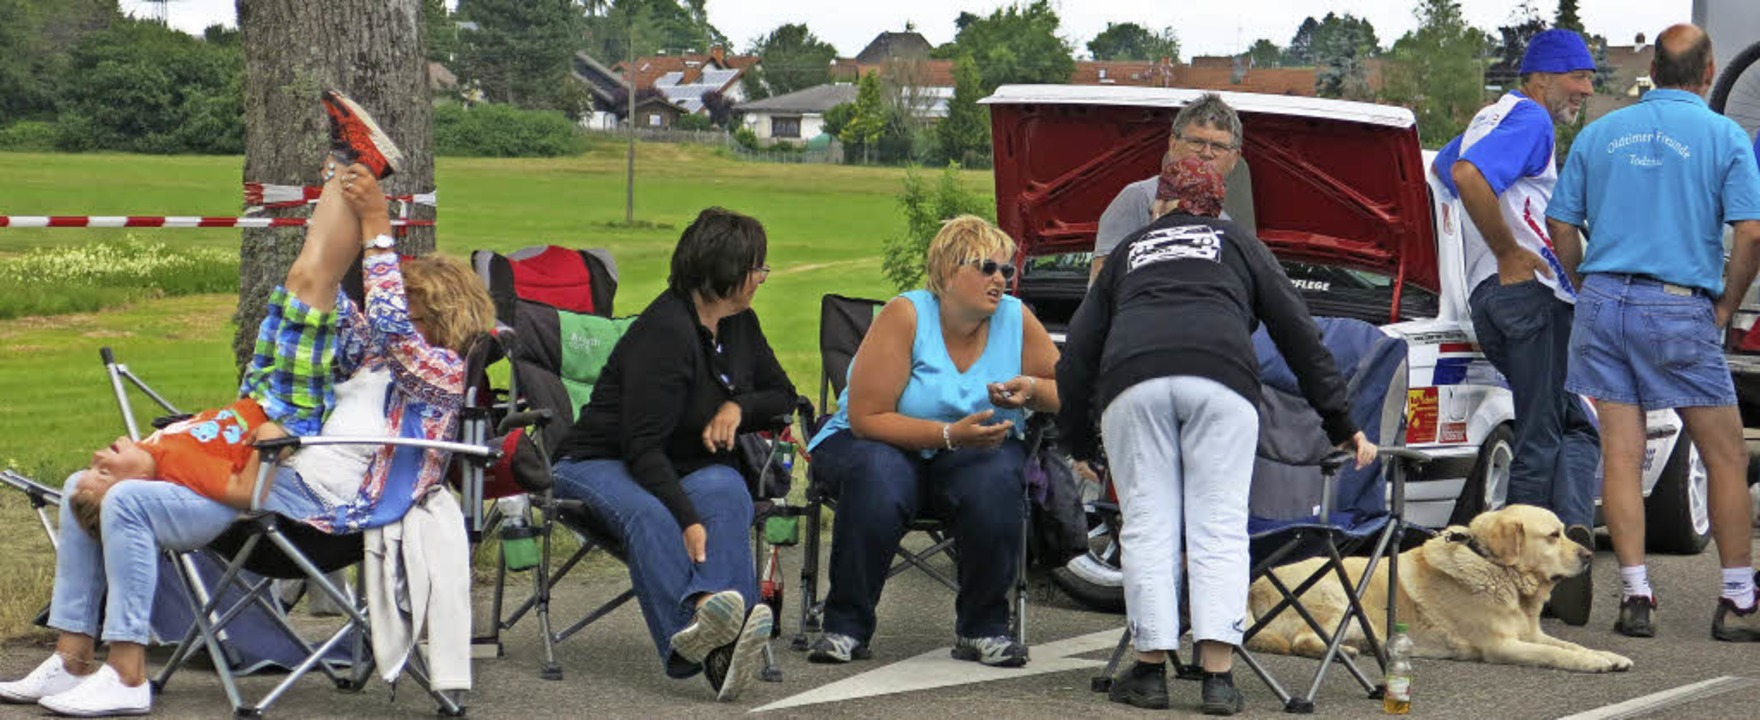 Familiäre Fan- und Fahrerlager  verdeu...spannte Stimmung zwischen den  Rennen.  | Foto: E: Morath